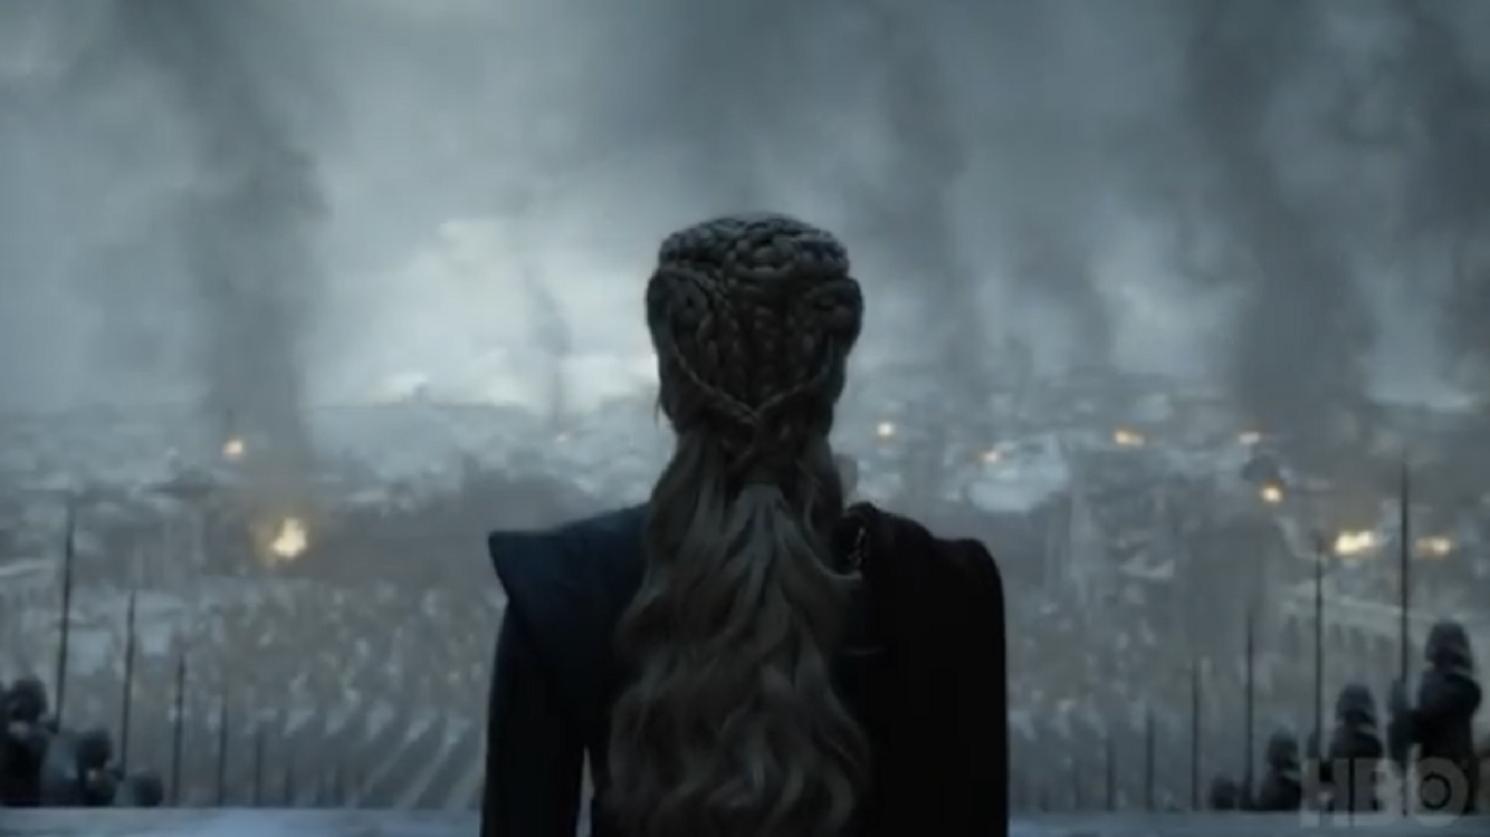 game of thrones season 5 episode 6 stream deutsch